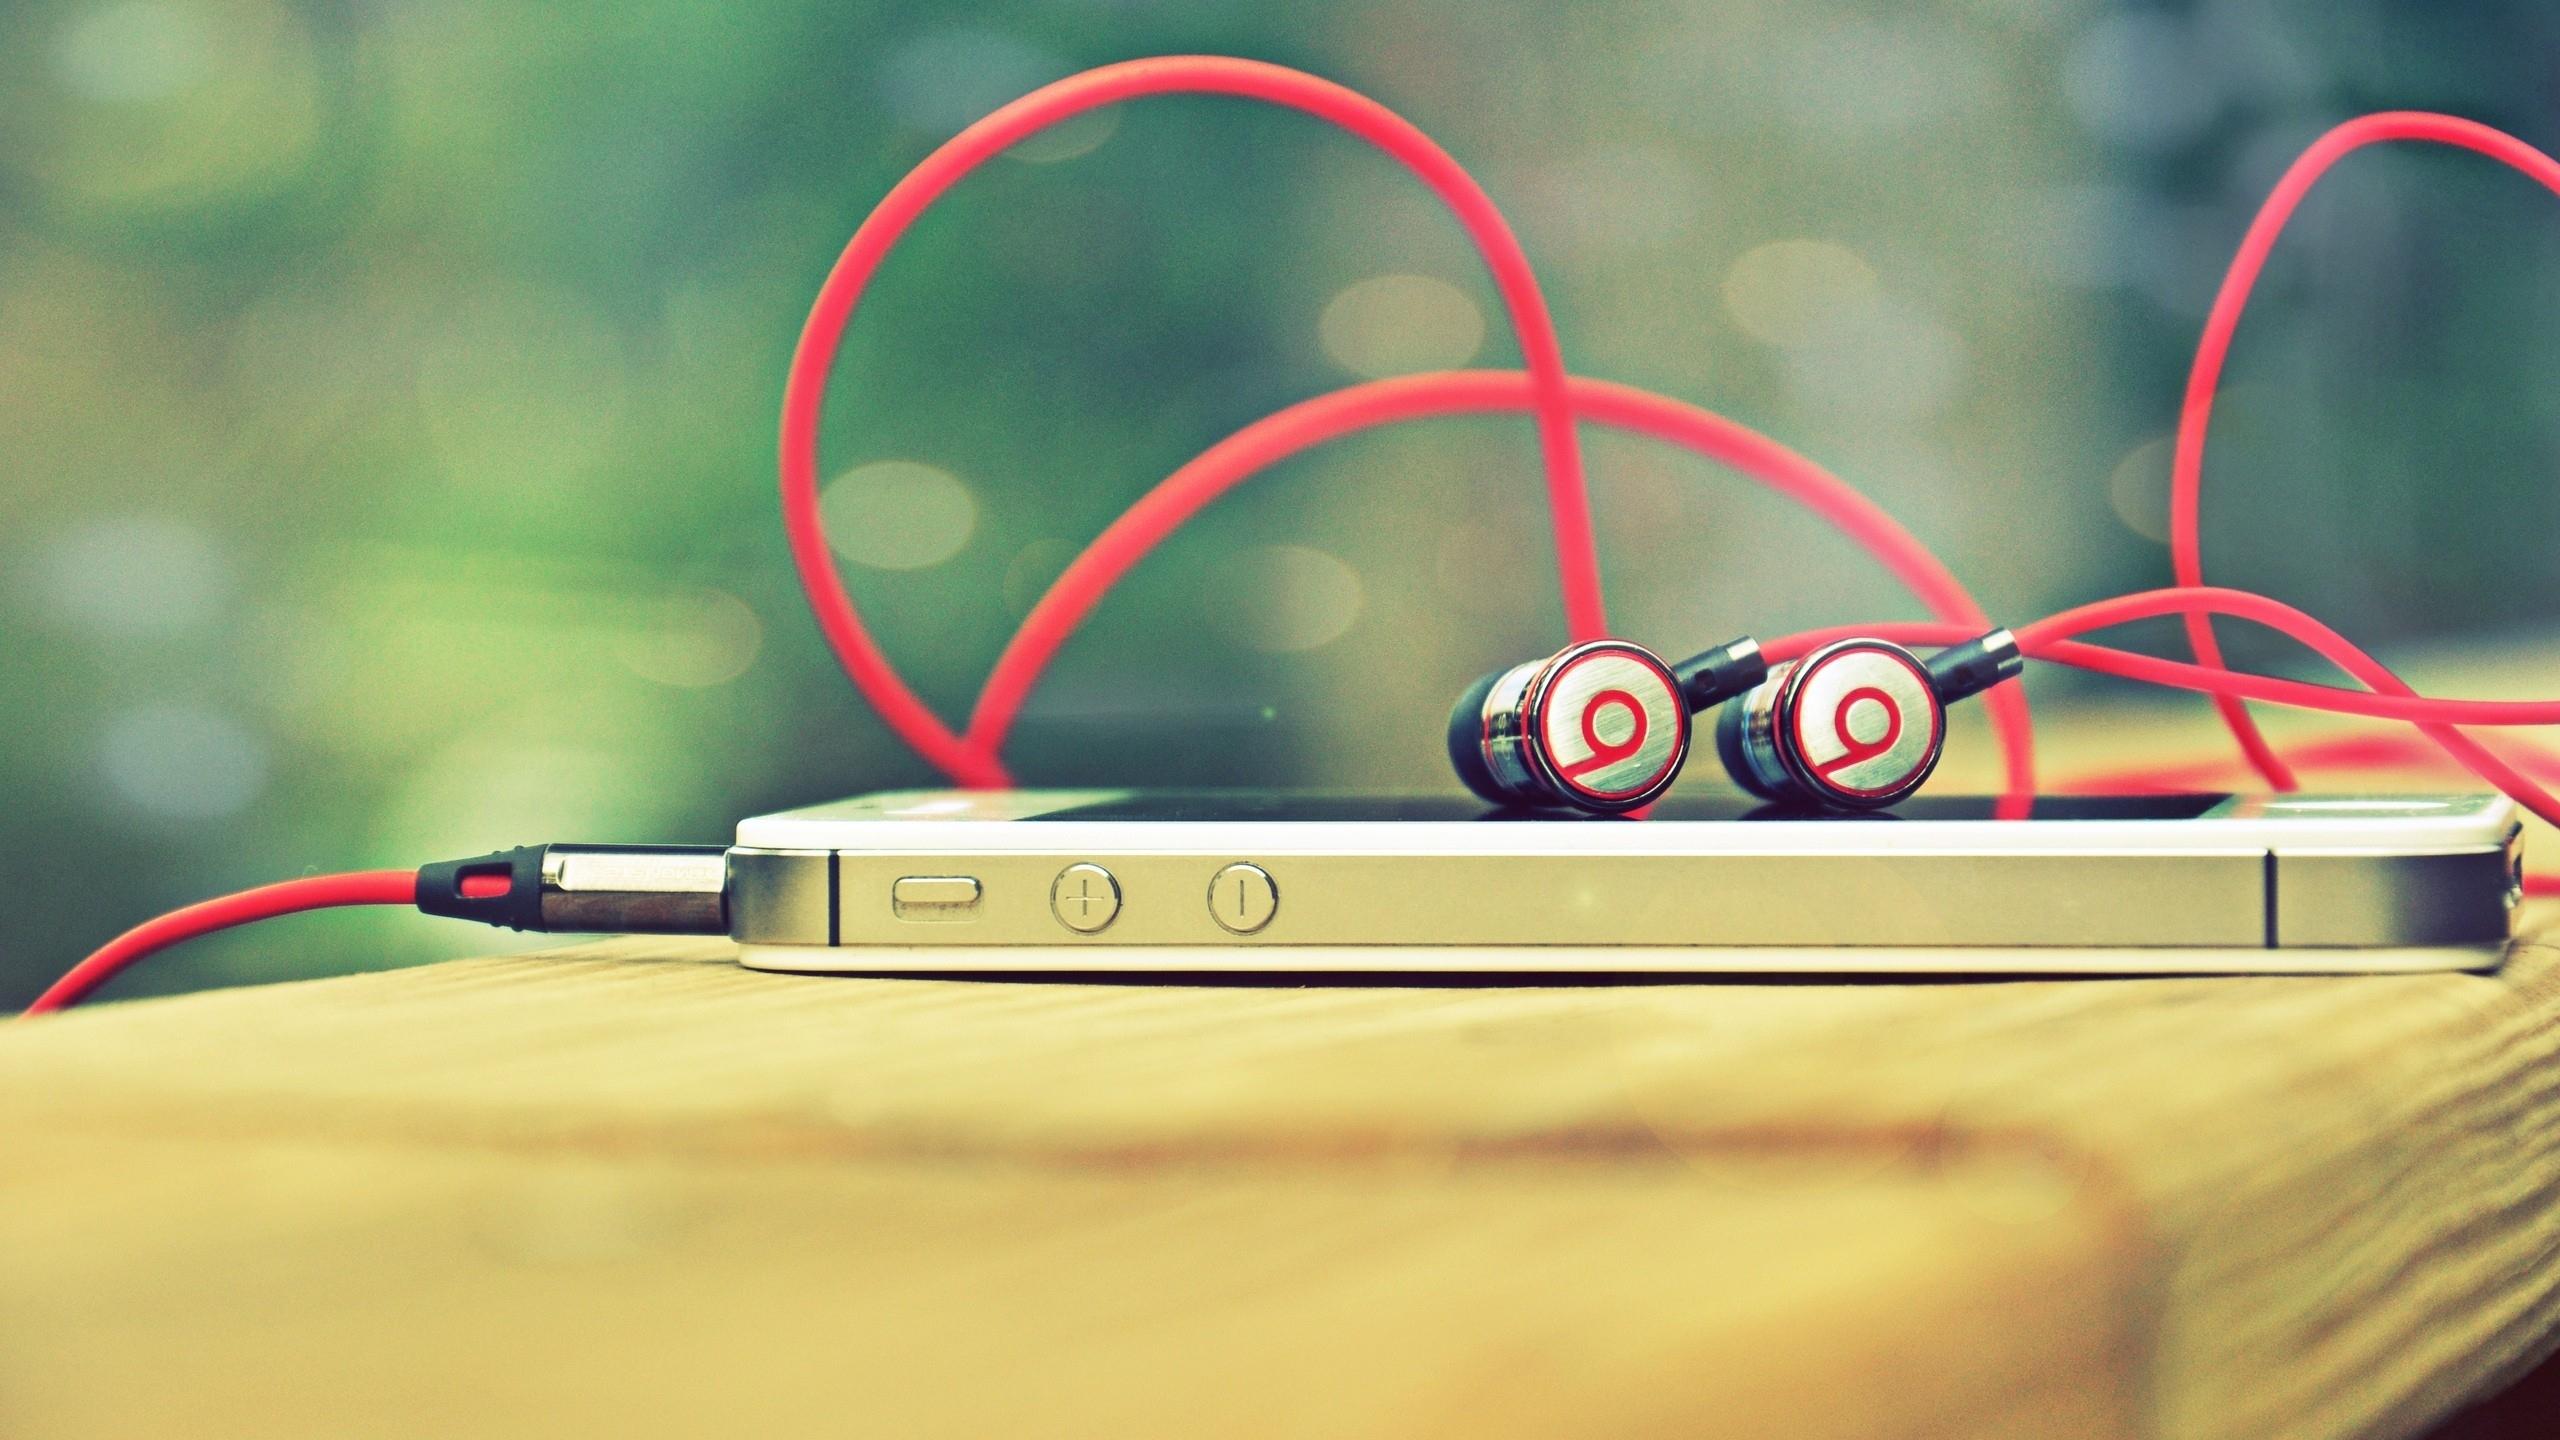 beats audio wallpaper 5294